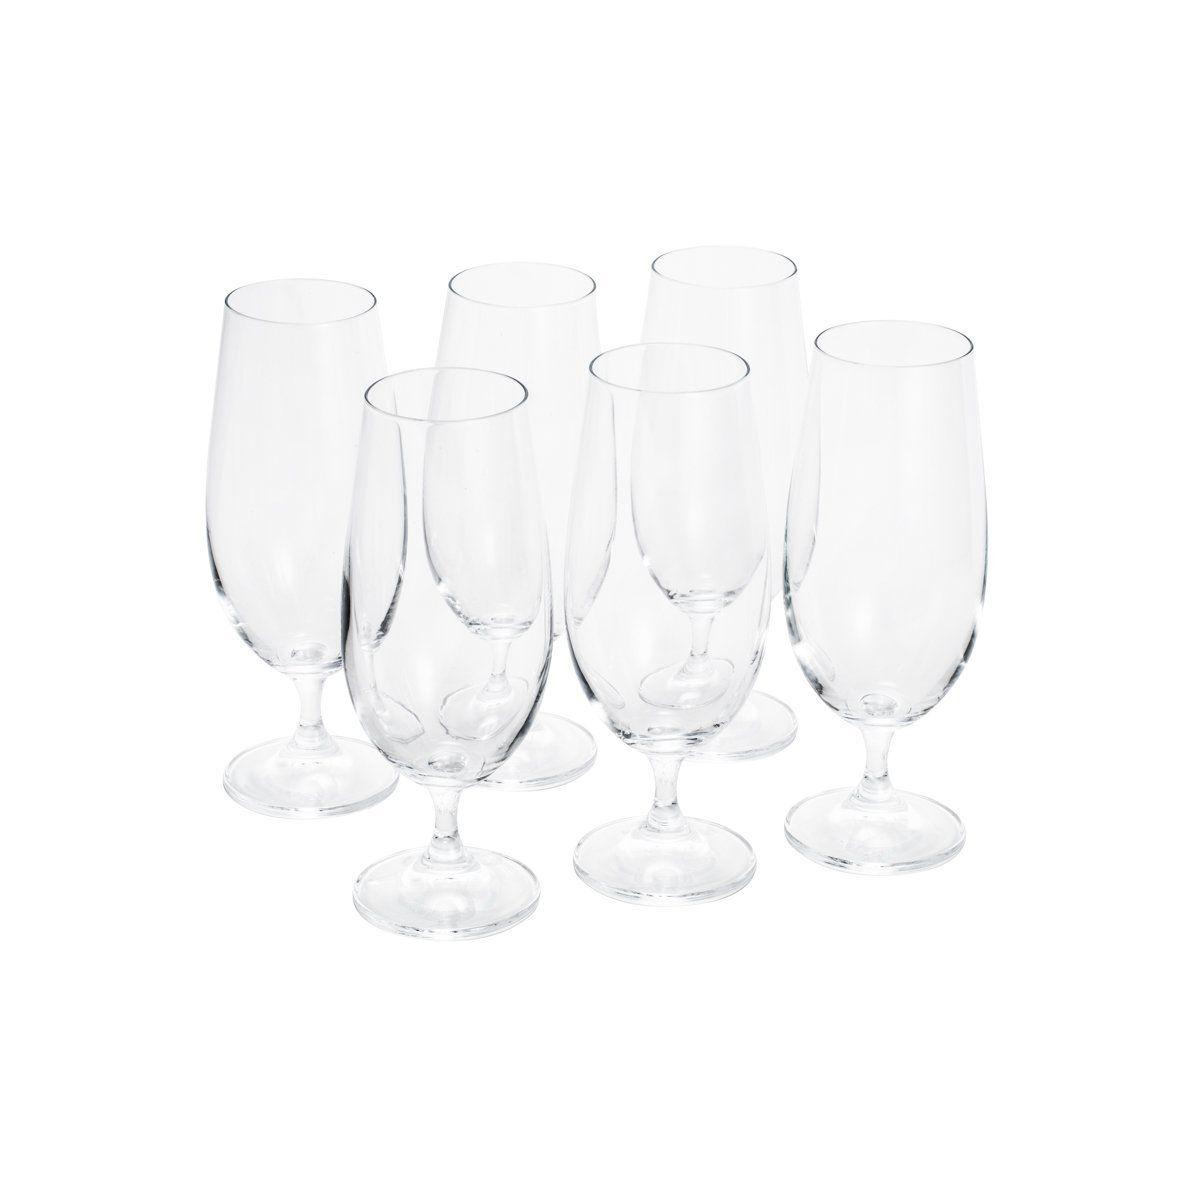 Jogo 6 taças 380ml para cerveja de cristal ecológico transparente Gastro/Colobri Bohemia - 5330